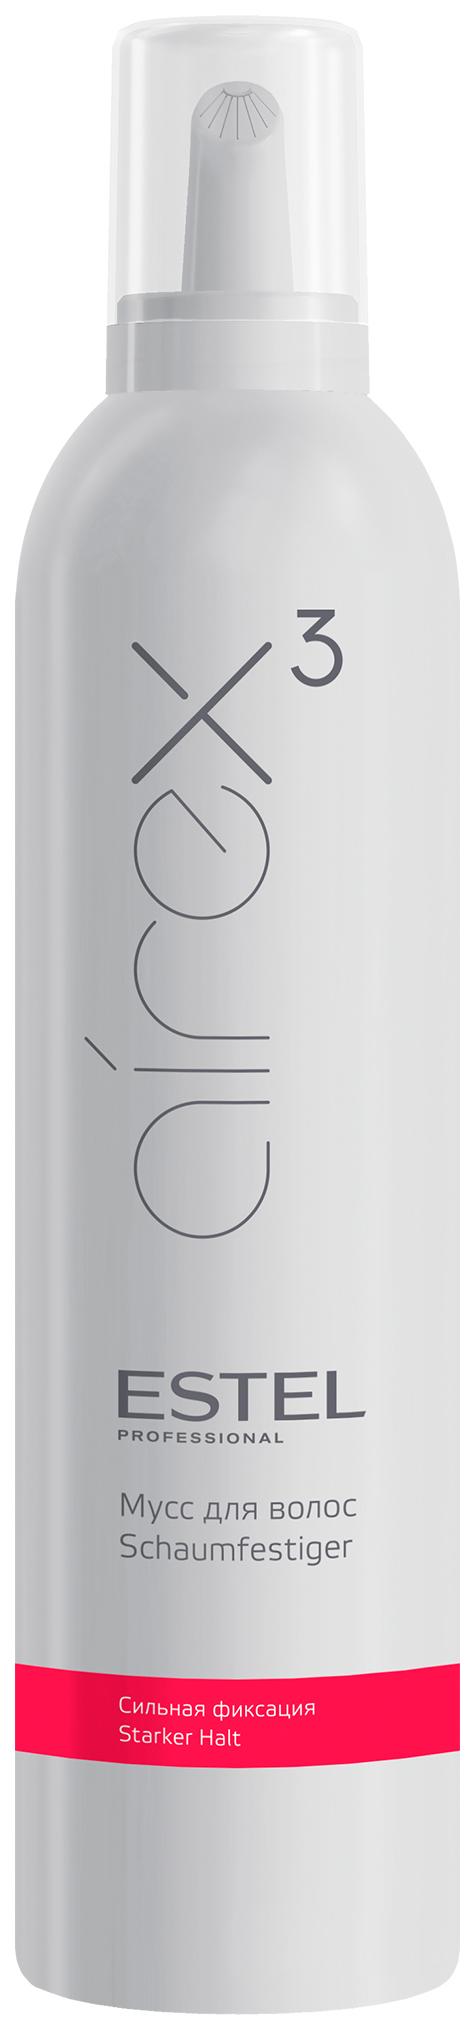 Купить Мусс для волос Estel Professional Airex сильной фиксации 400 мл